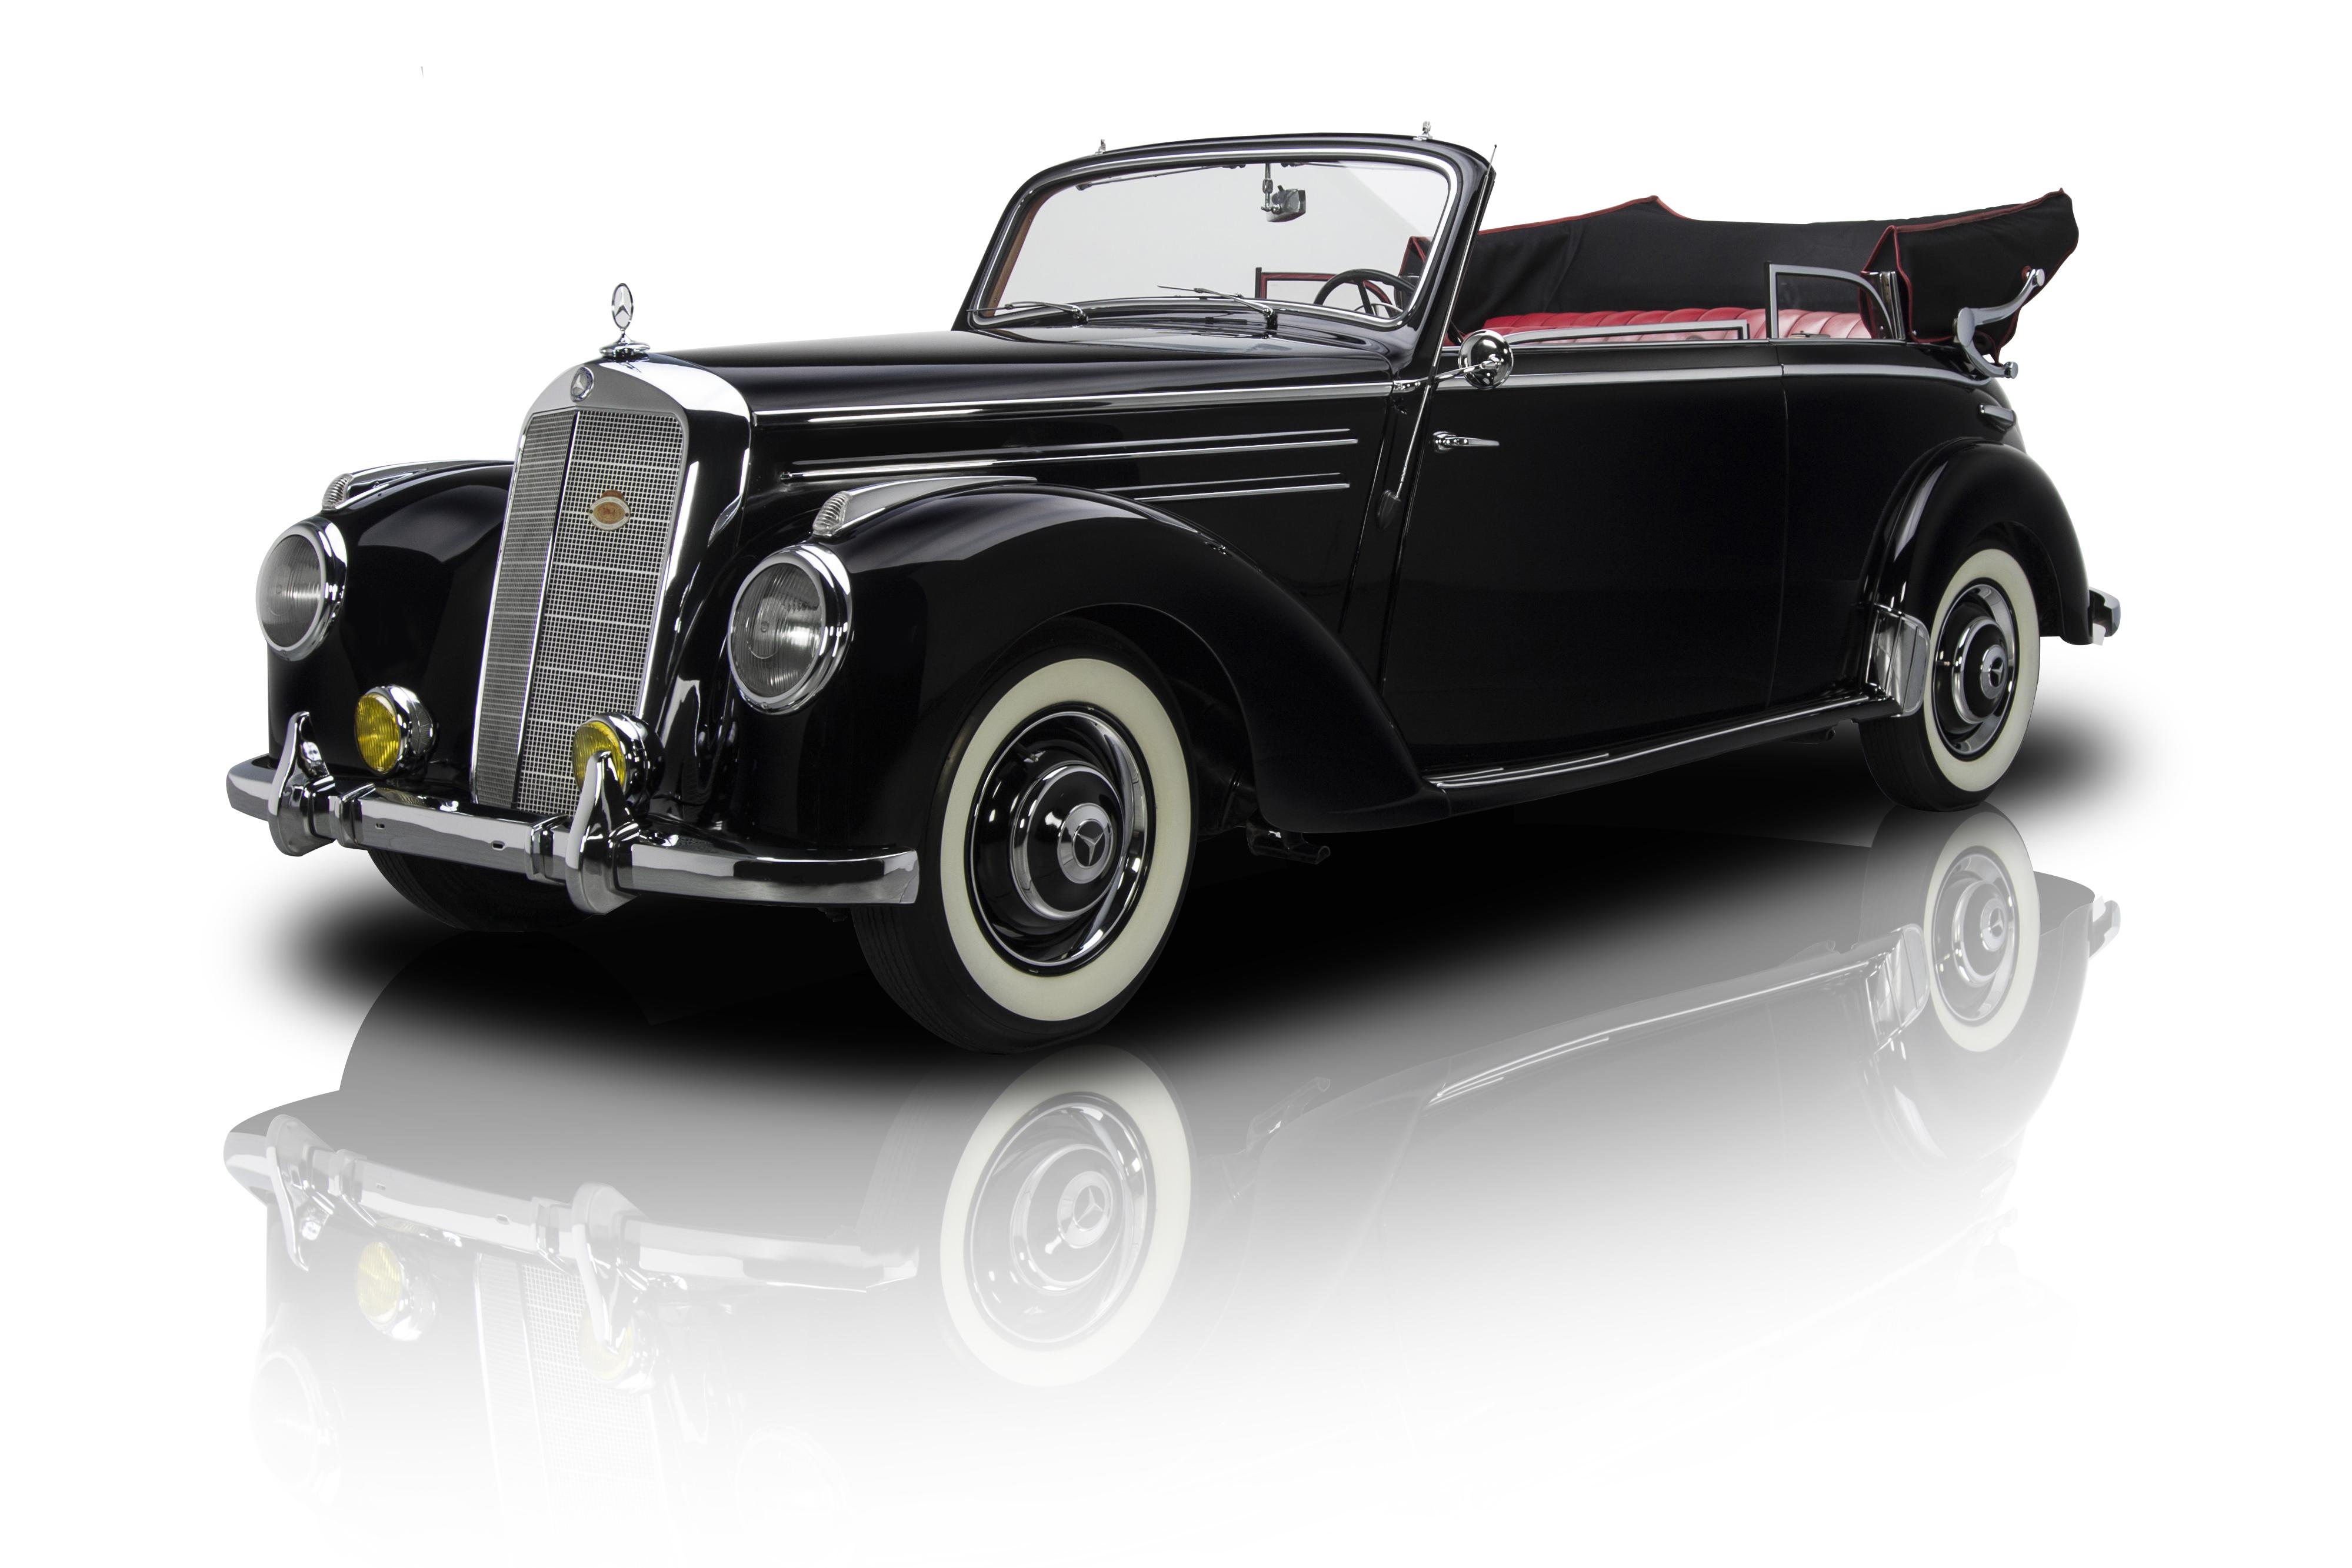 134698 1952 mercedes benz 220 rk motors for 1952 mercedes benz